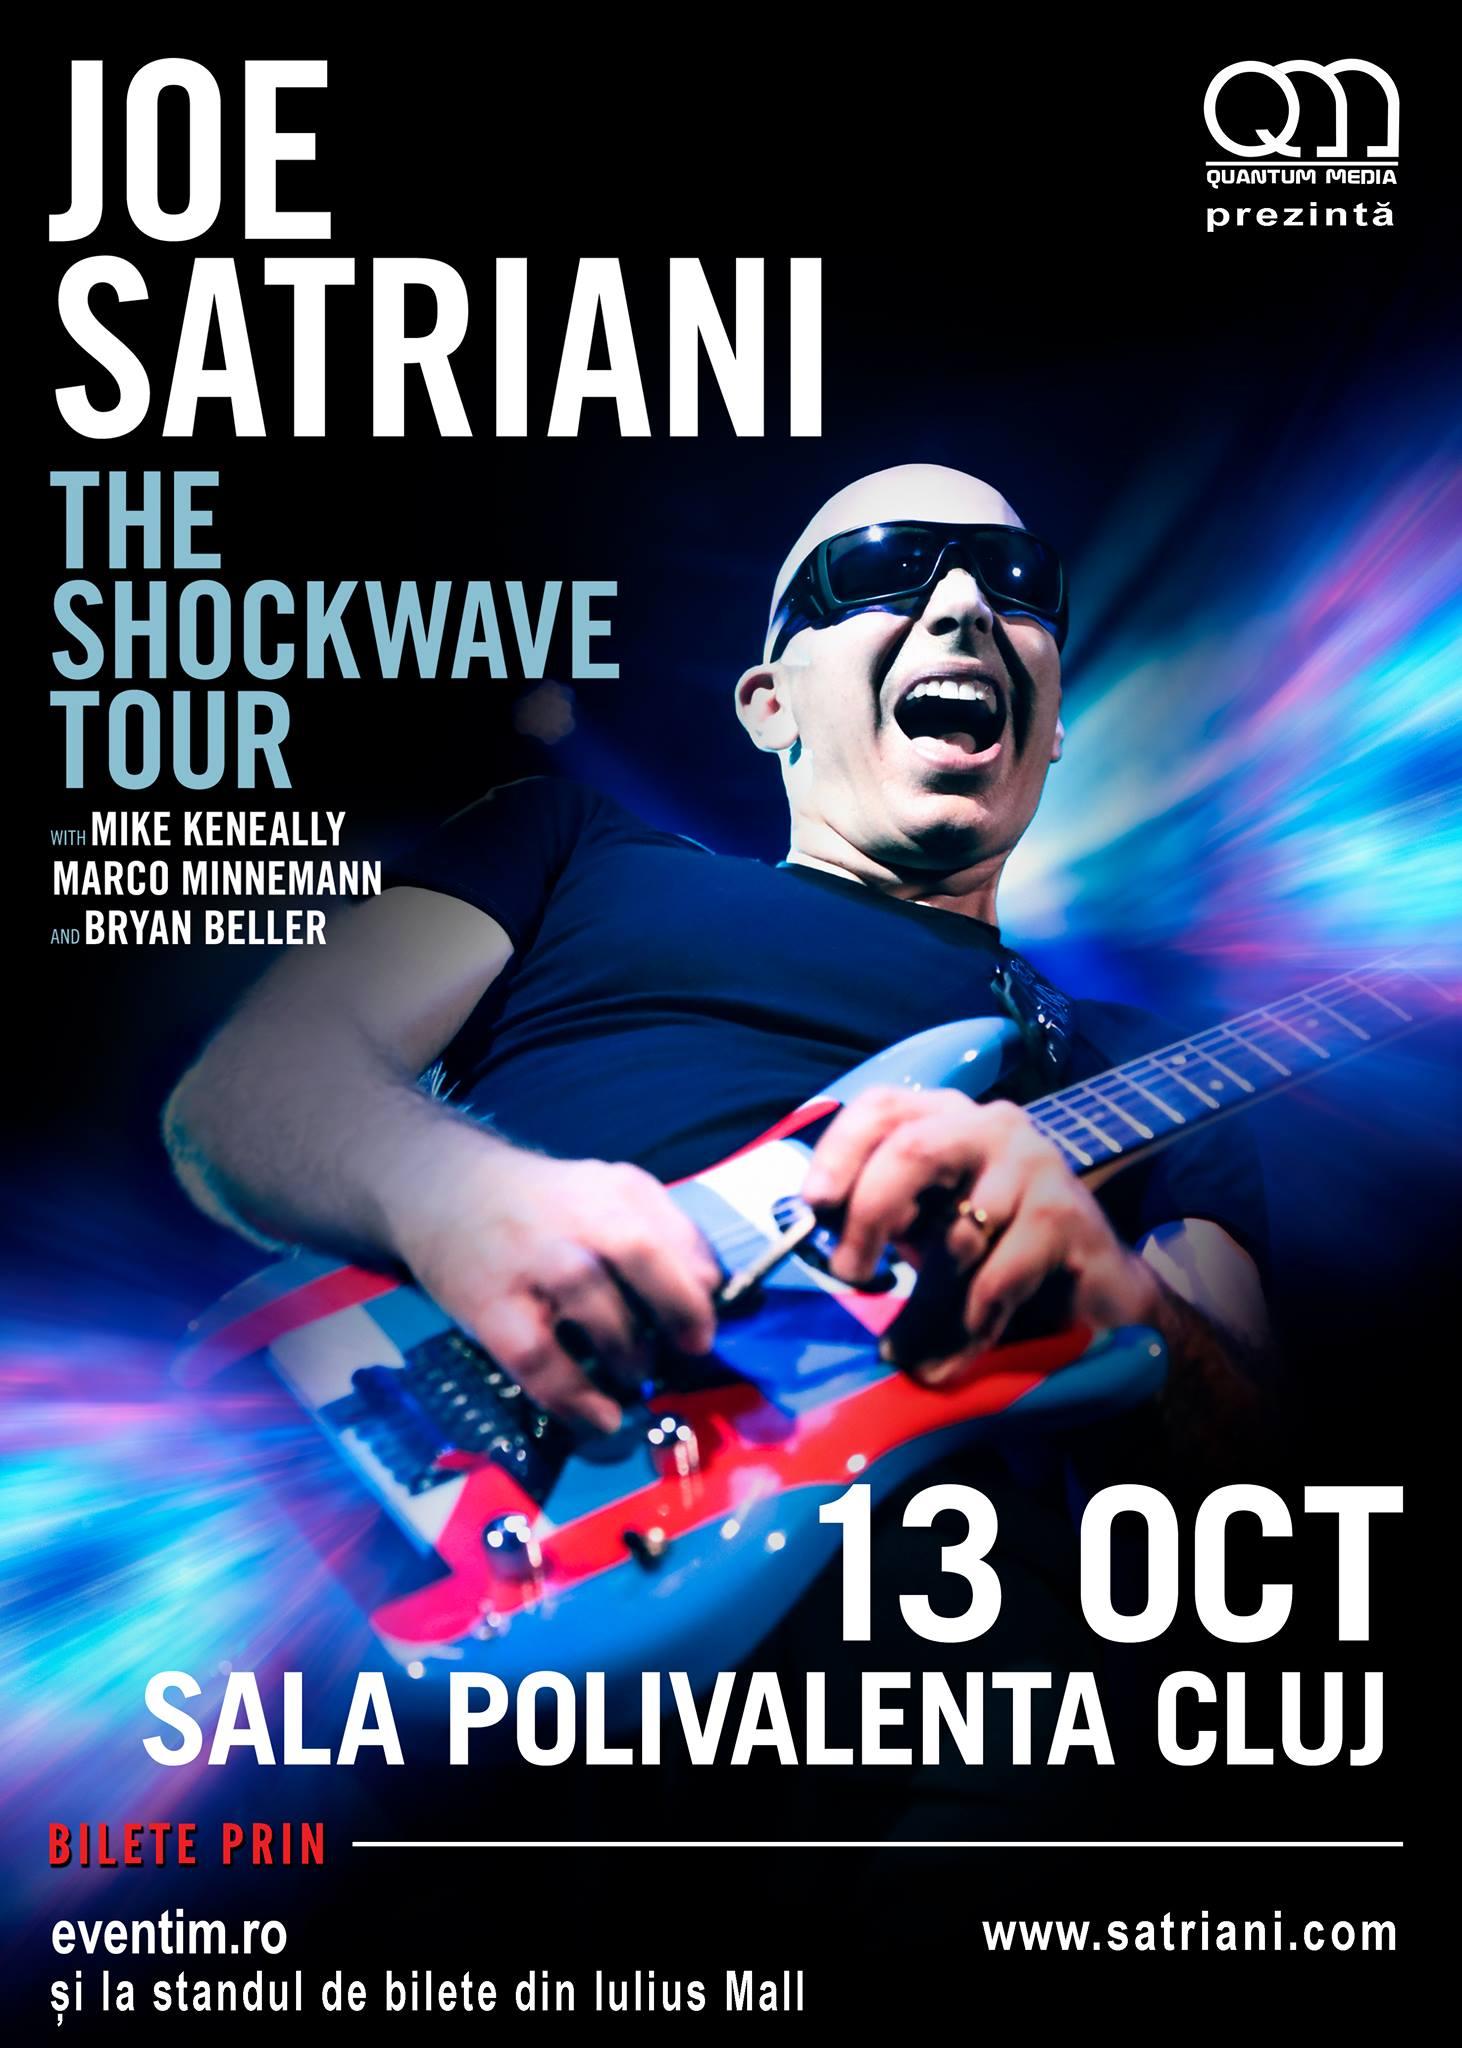 Joe Satriani @ Sala Polivalentă